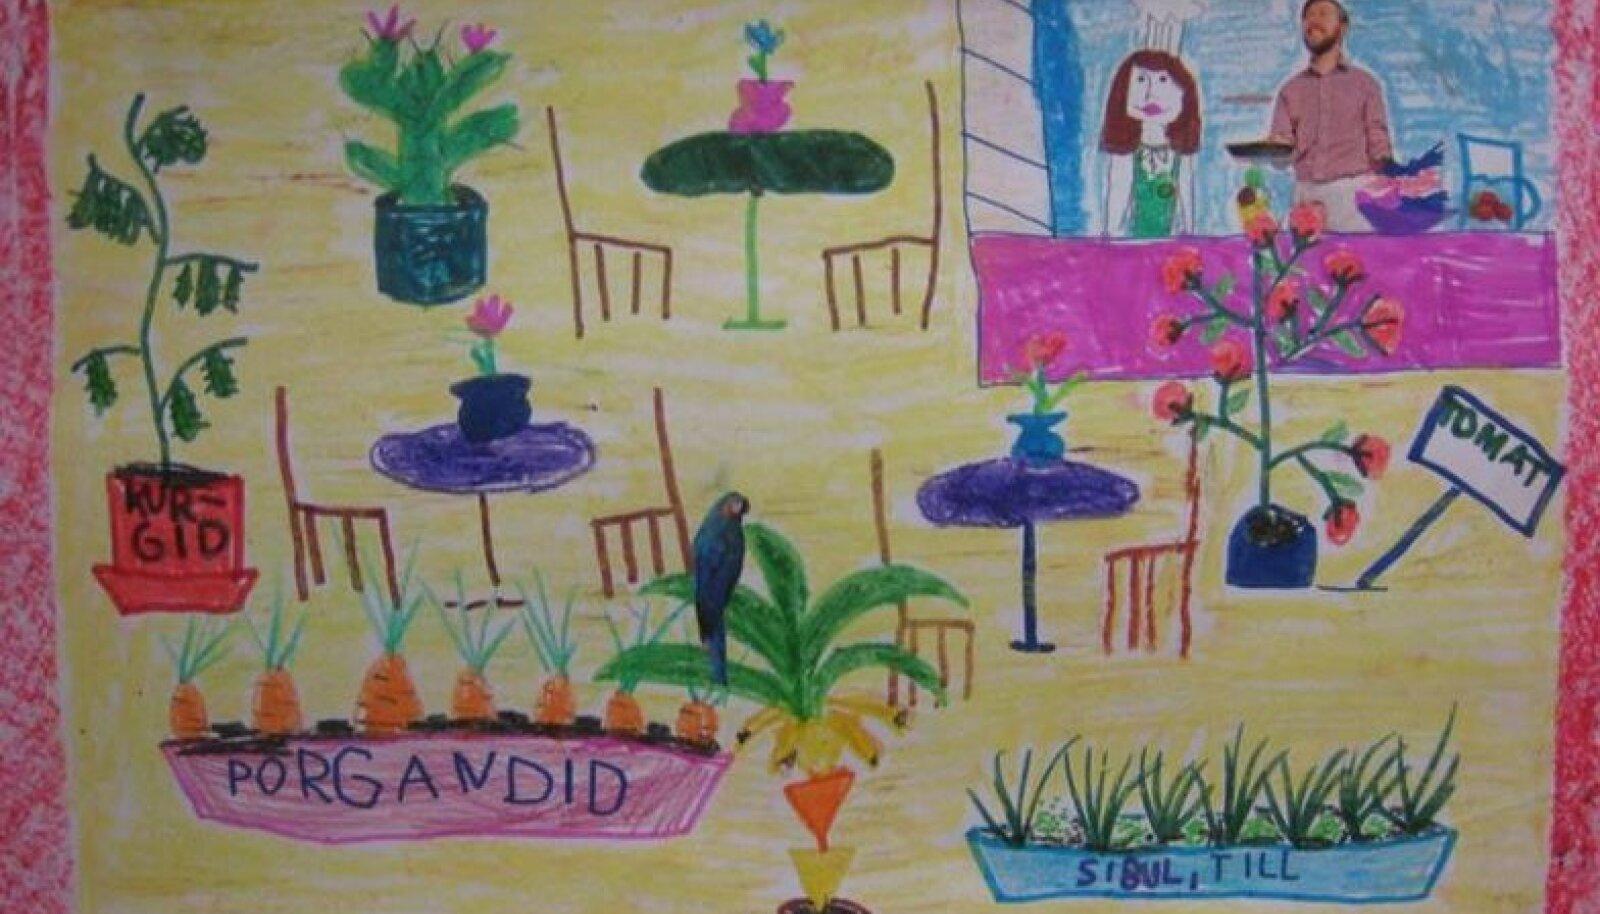 I koht algkooli vanuserühmas: Margarita Kaetri, Tallinna Arte Gümnaasium, 1.a klass